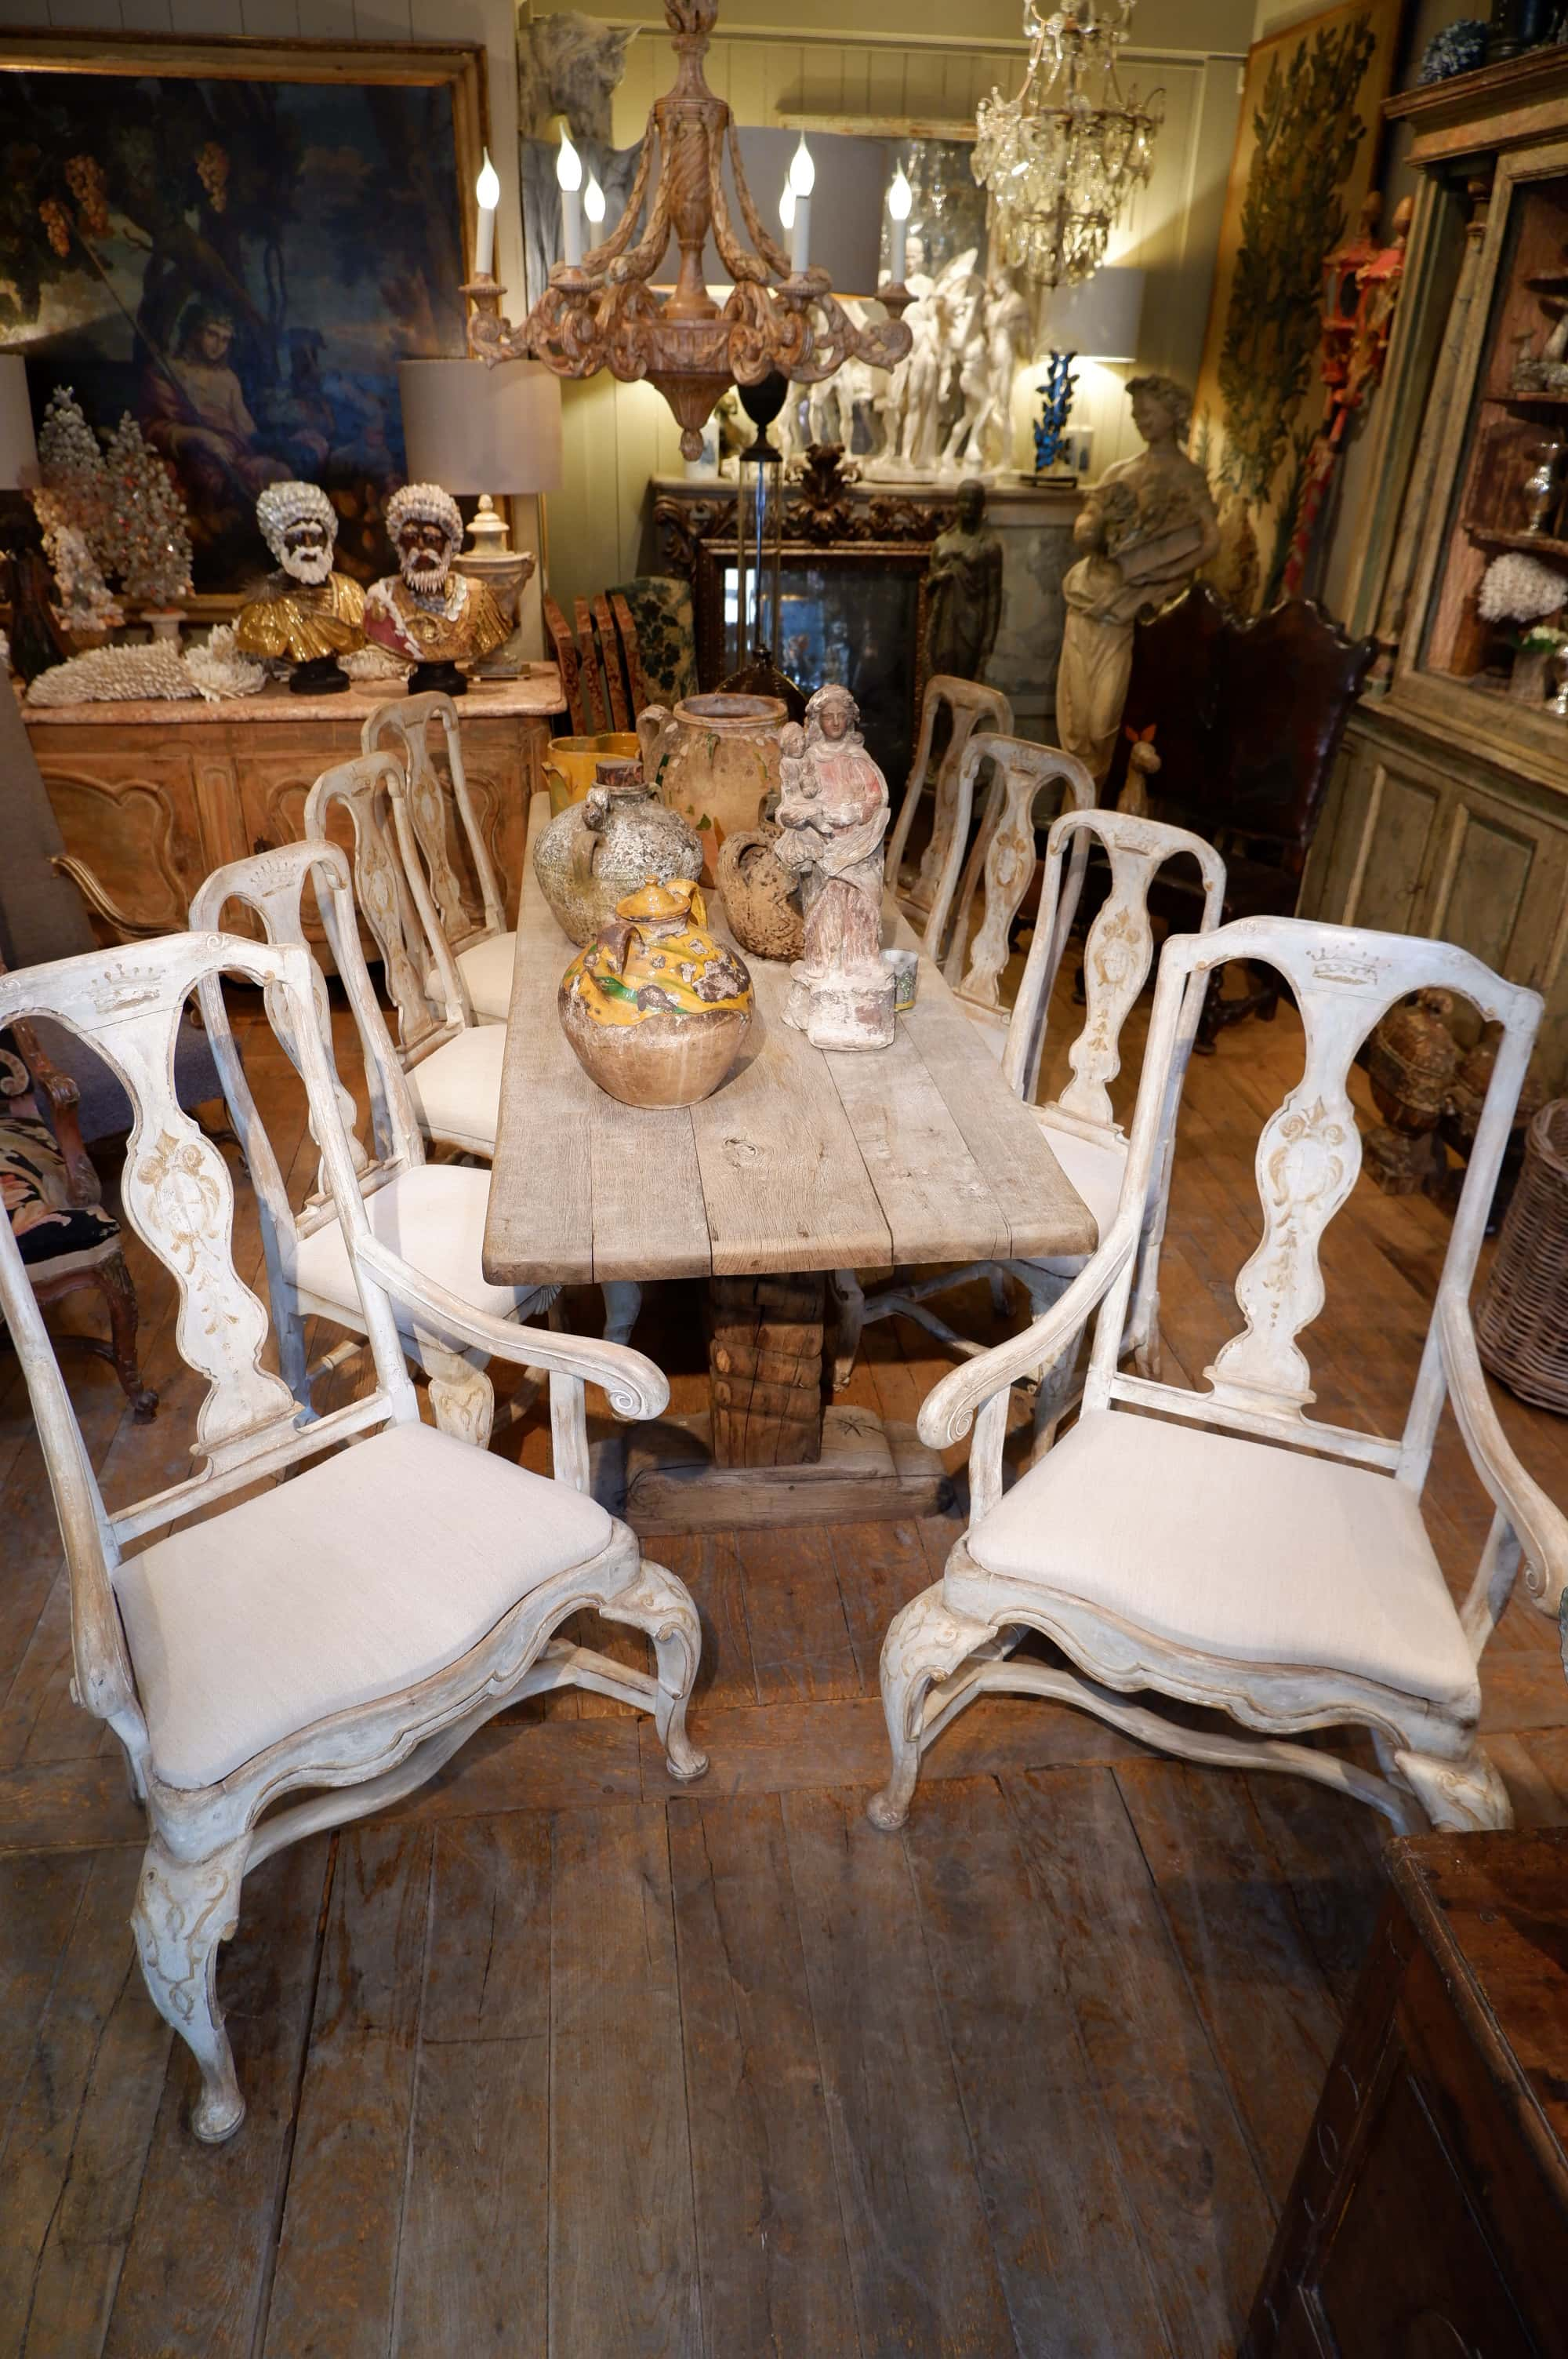 Suite de 6 chaises et 2 fauteuils style baroque en bois peint